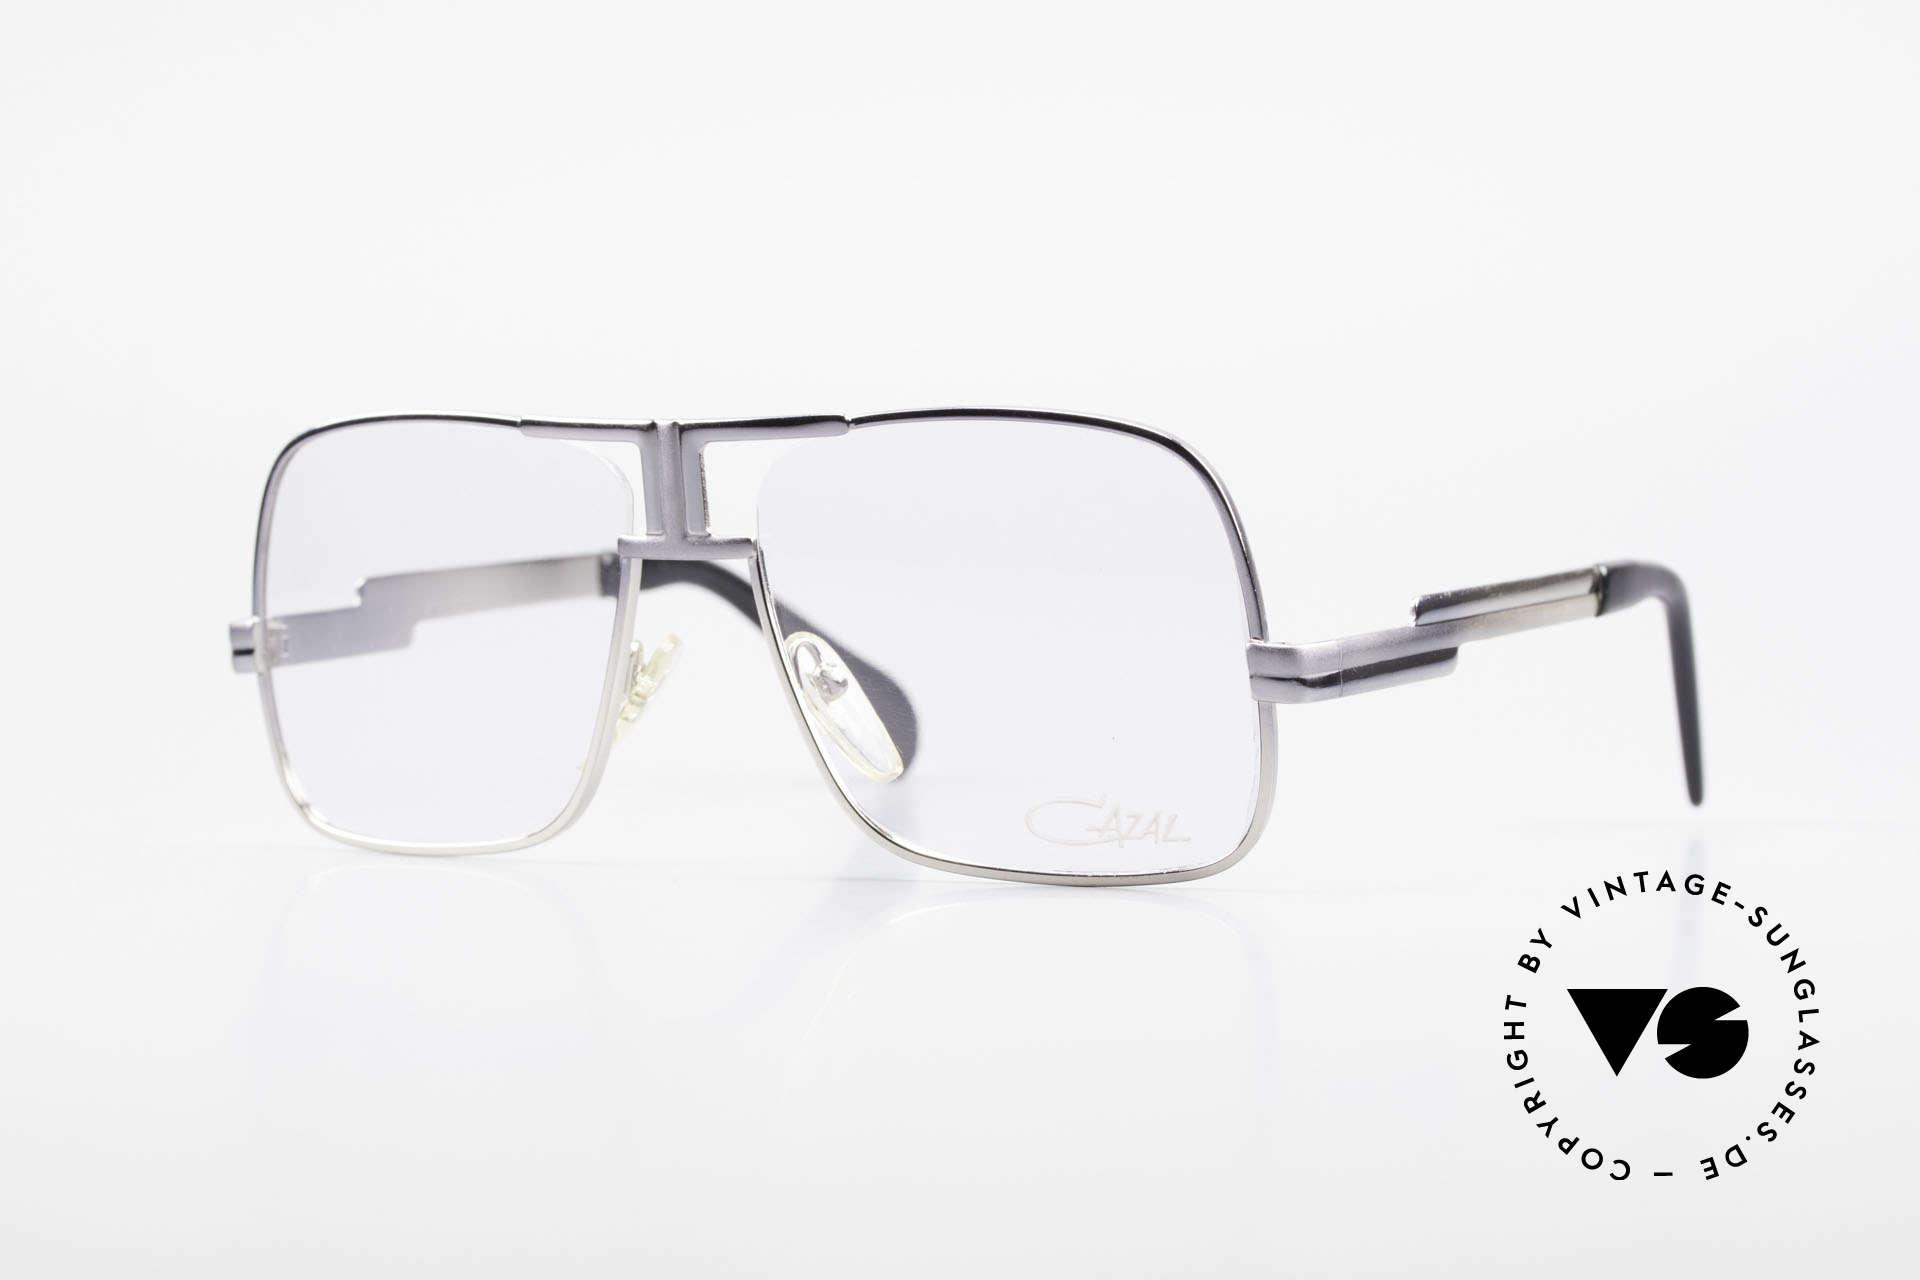 Cazal 701 Ultra Seltene Cazal 70er Brille, extrem seltene Cazal Brille aus den späten 1970ern, Passend für Herren